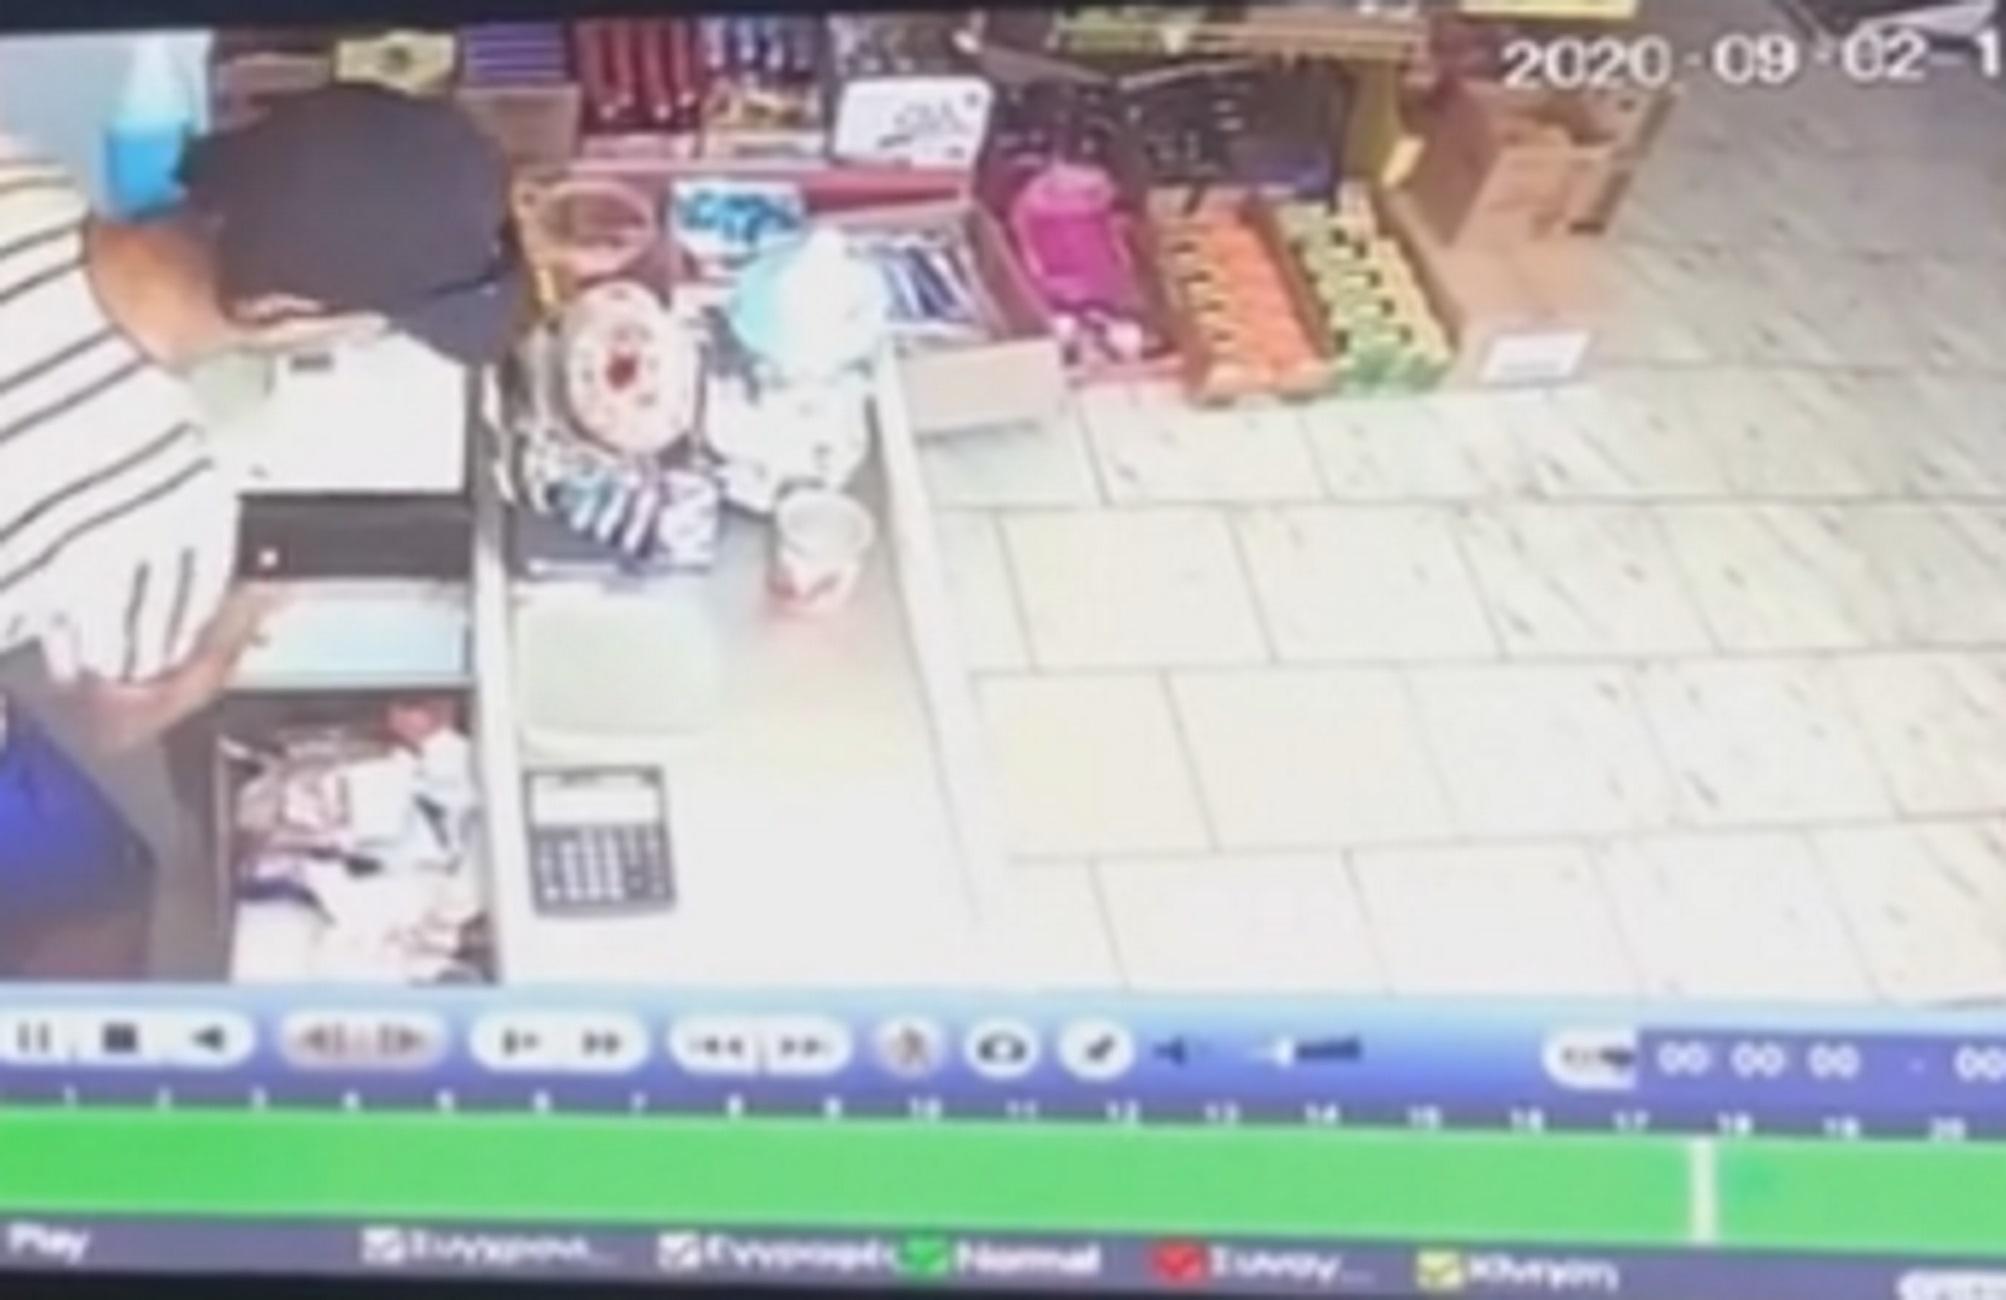 Έβρος: Οι διαρρήκτες του παντοπωλείου έστρωσαν τραπέζι! Ανάστατοι οι κάτοικοι στο Σουφλί (Βίντεο)